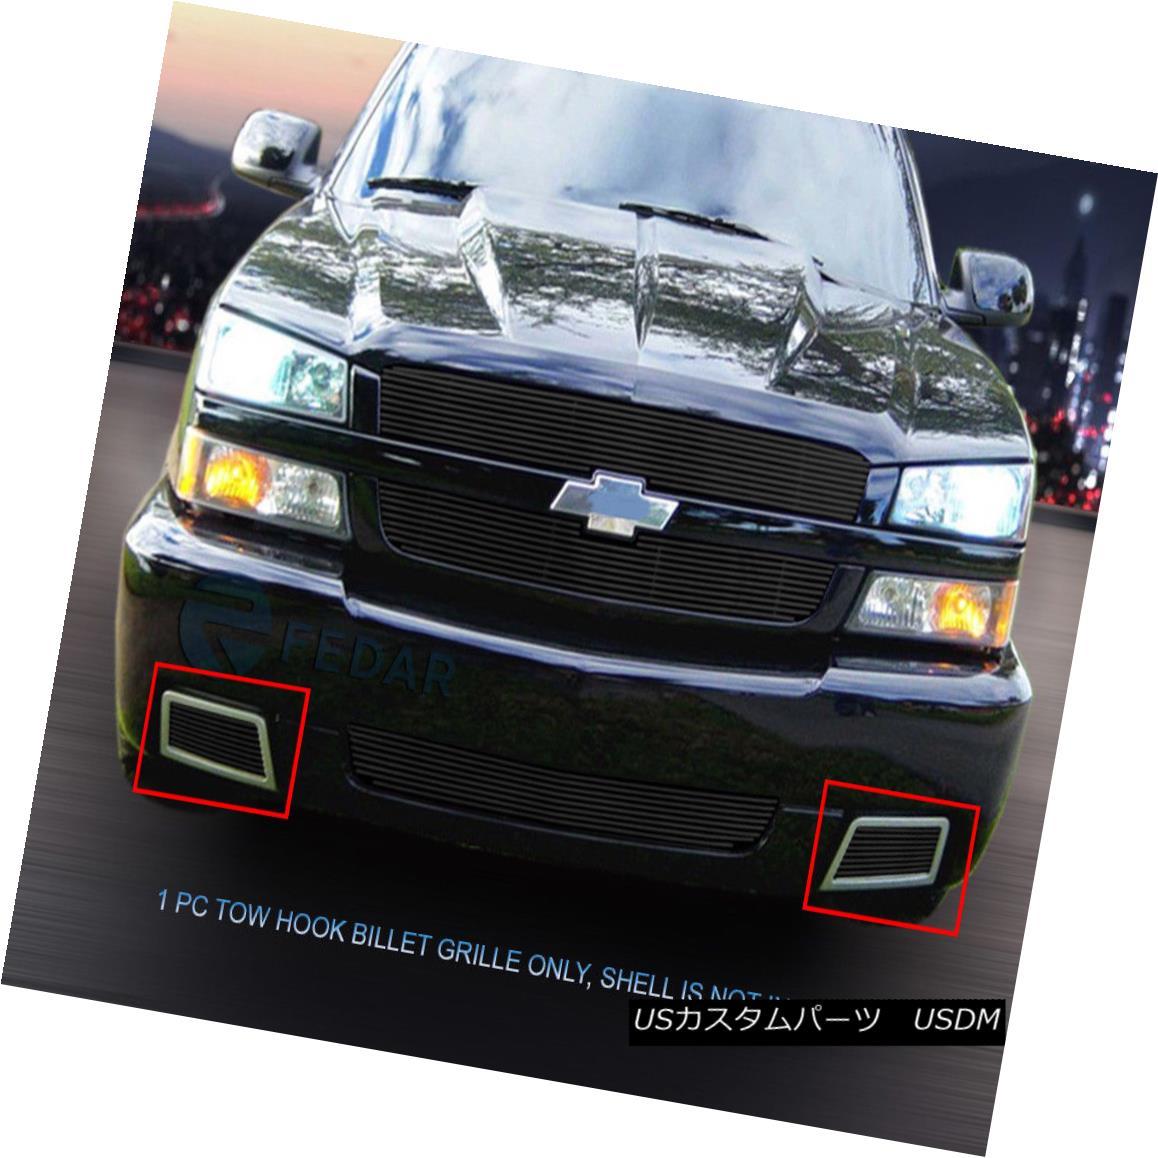 グリル For 03-06 Chevy Silverado 1500 SS Black Billet Grille Tow Hook Insert Fedar 03-06 Chevy Silverado 1500 SSブラックビレットグリルトウフックインサートフェルダー